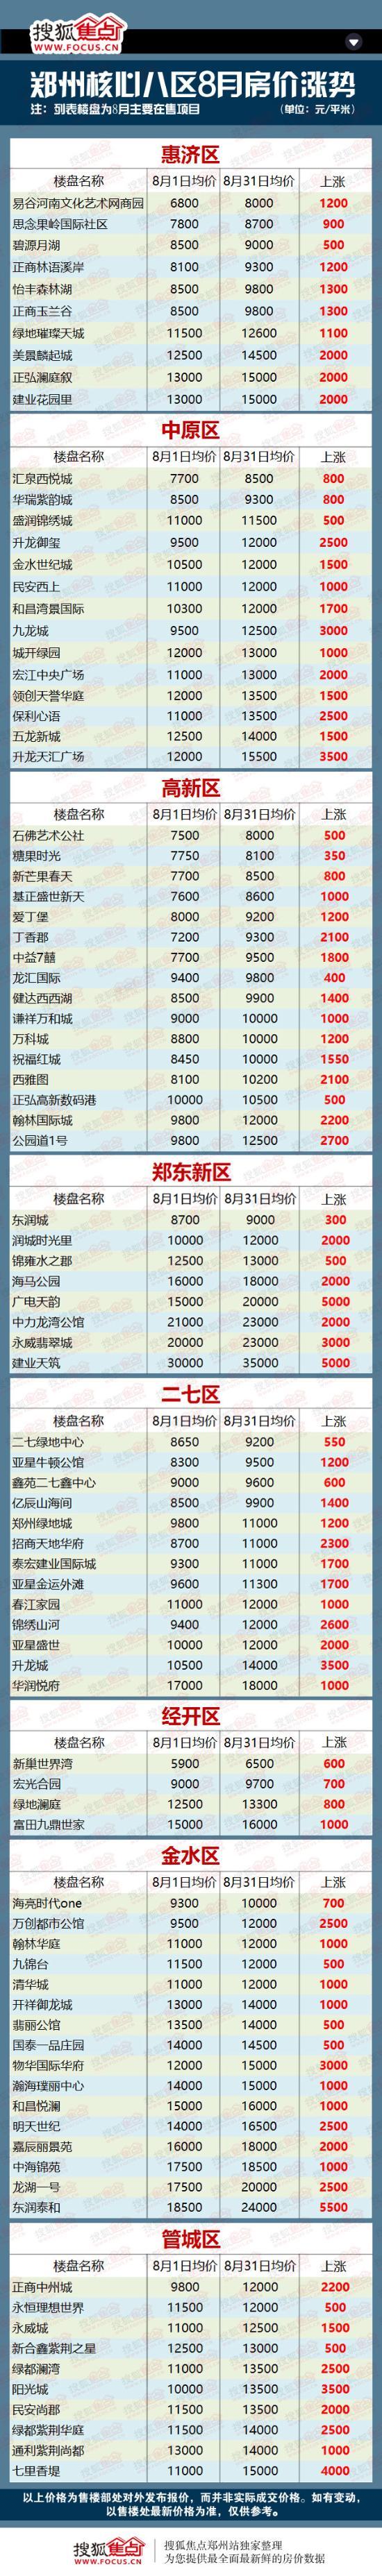 以上数据截取自郑州主城区在售122住宅楼盘,从8月初至8月底均价上涨的楼盘。